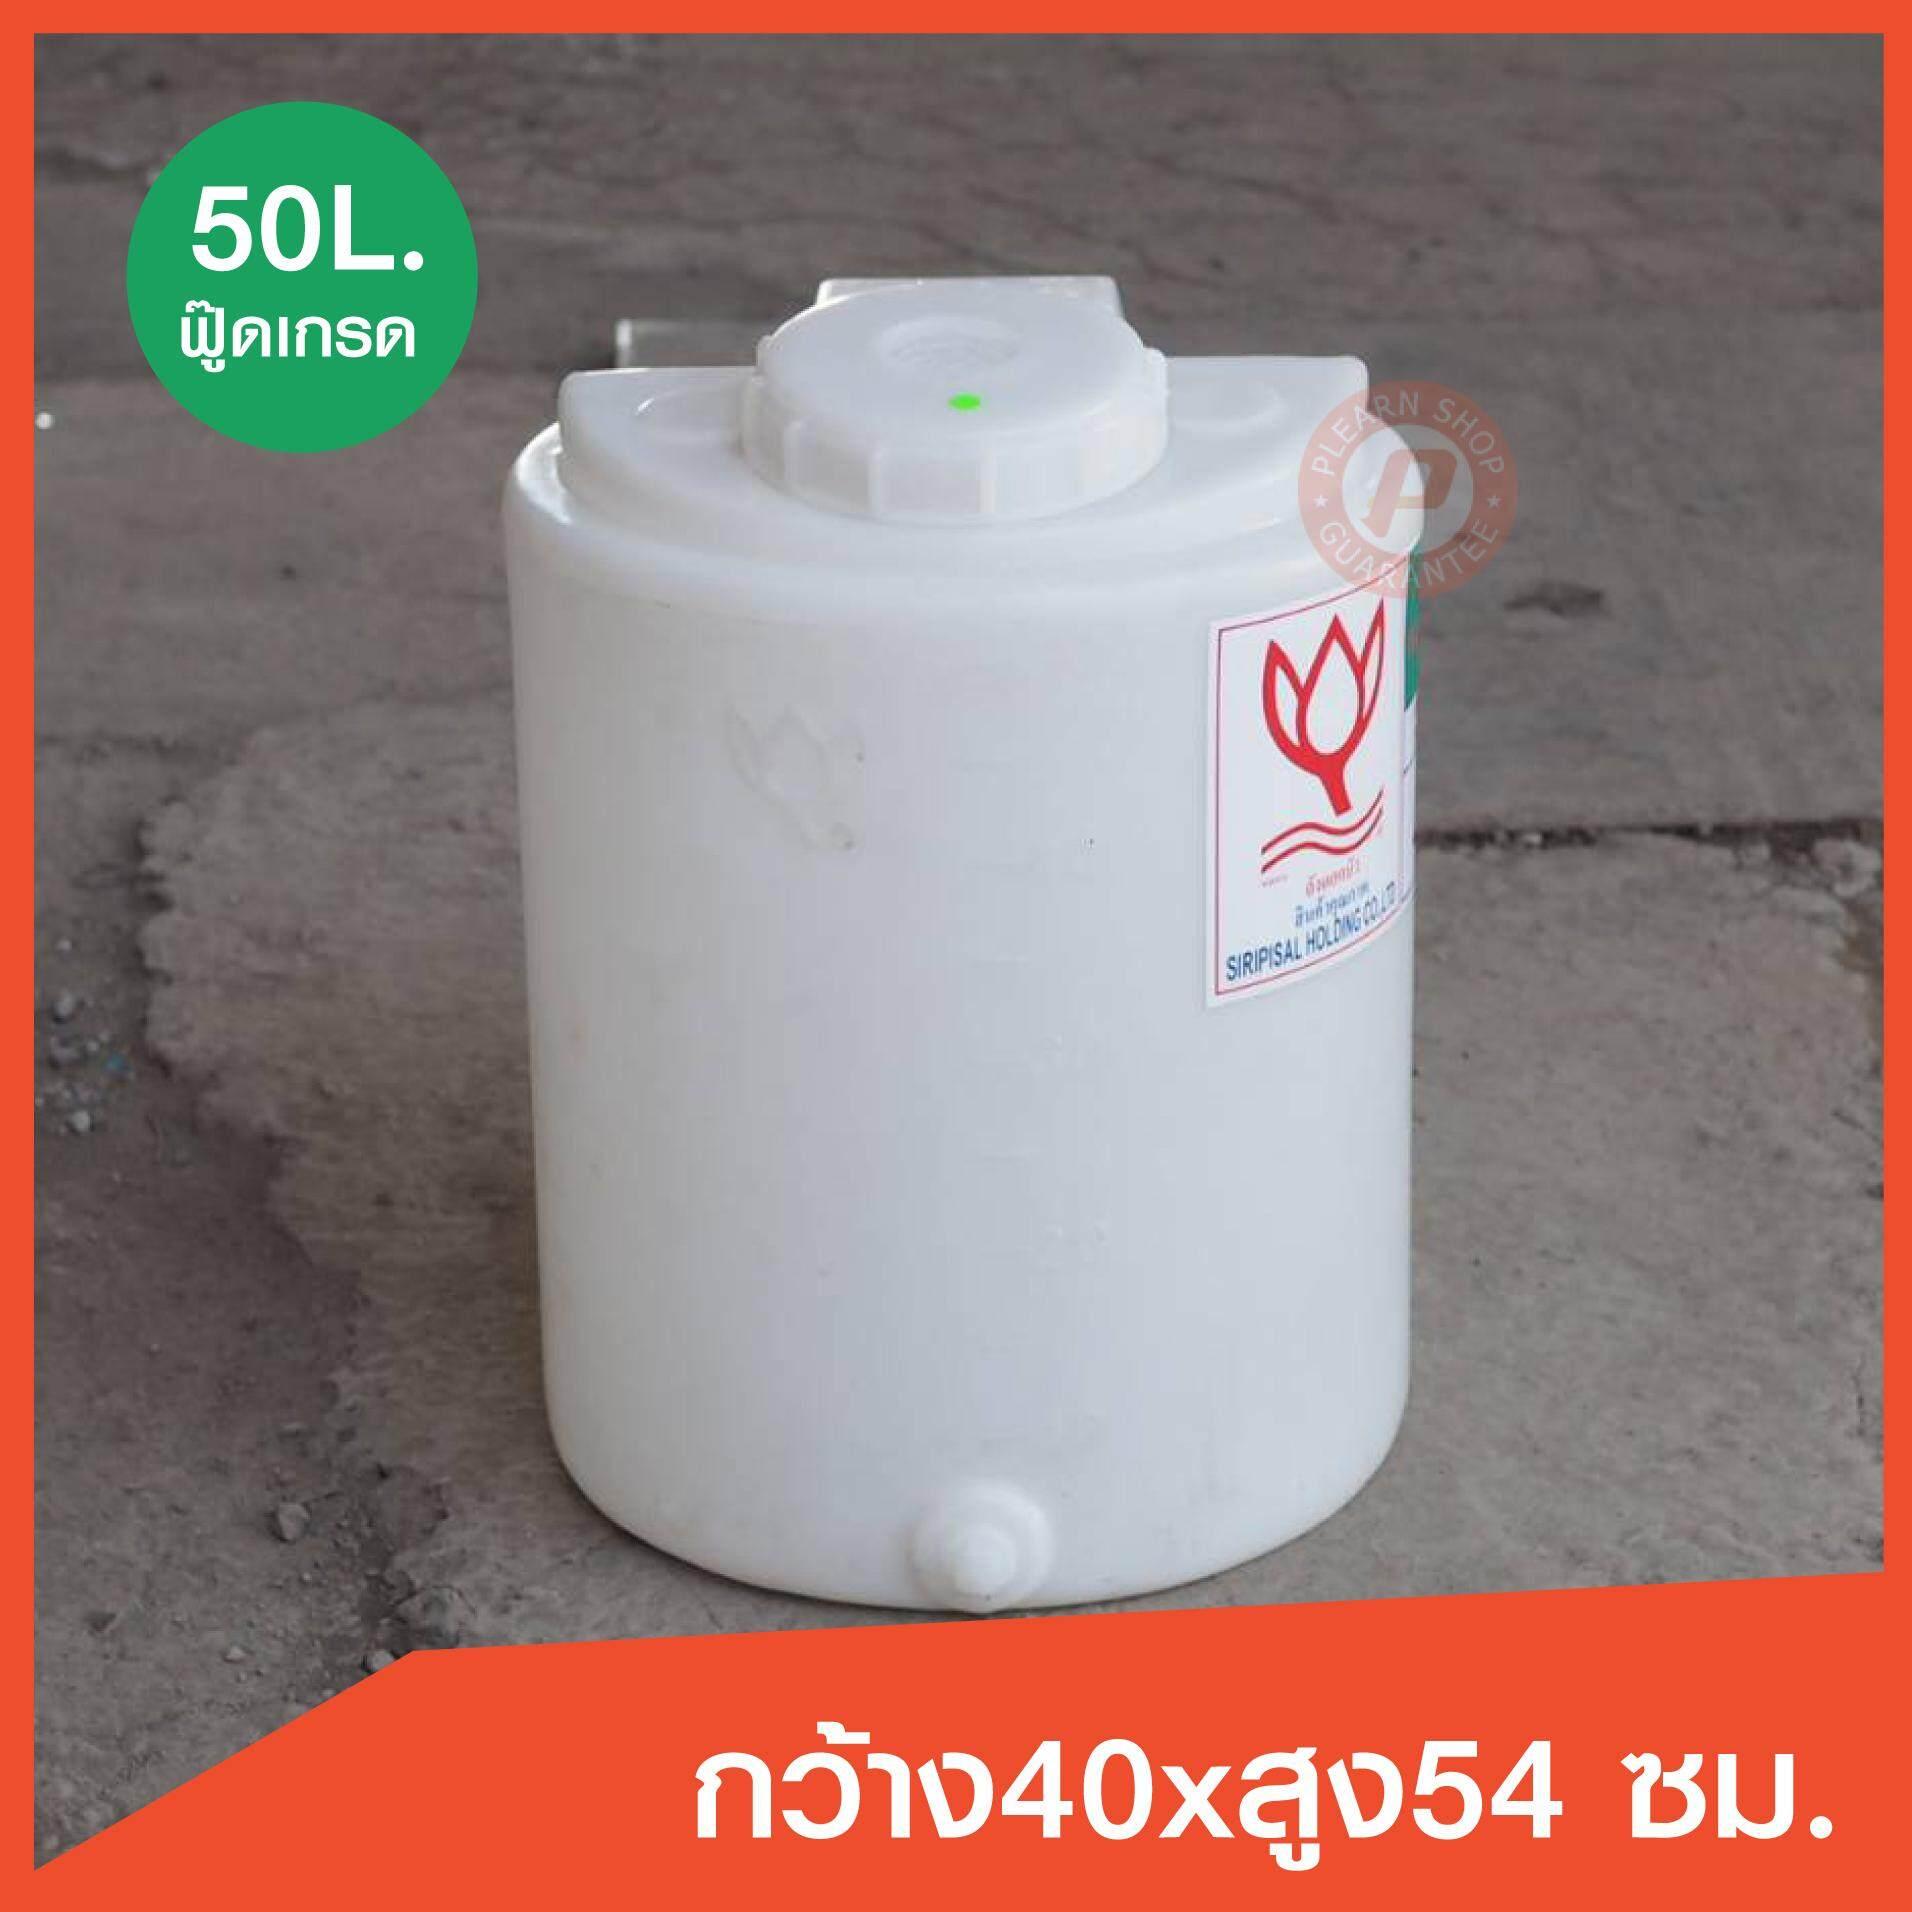 แทงค์วางมอเตอร์ ถังเก็บน้ำและสารเคมีบนดิน รูปทรงสำหรับวางมอเตอร์ บ่านูน TNM 50 ลิตร